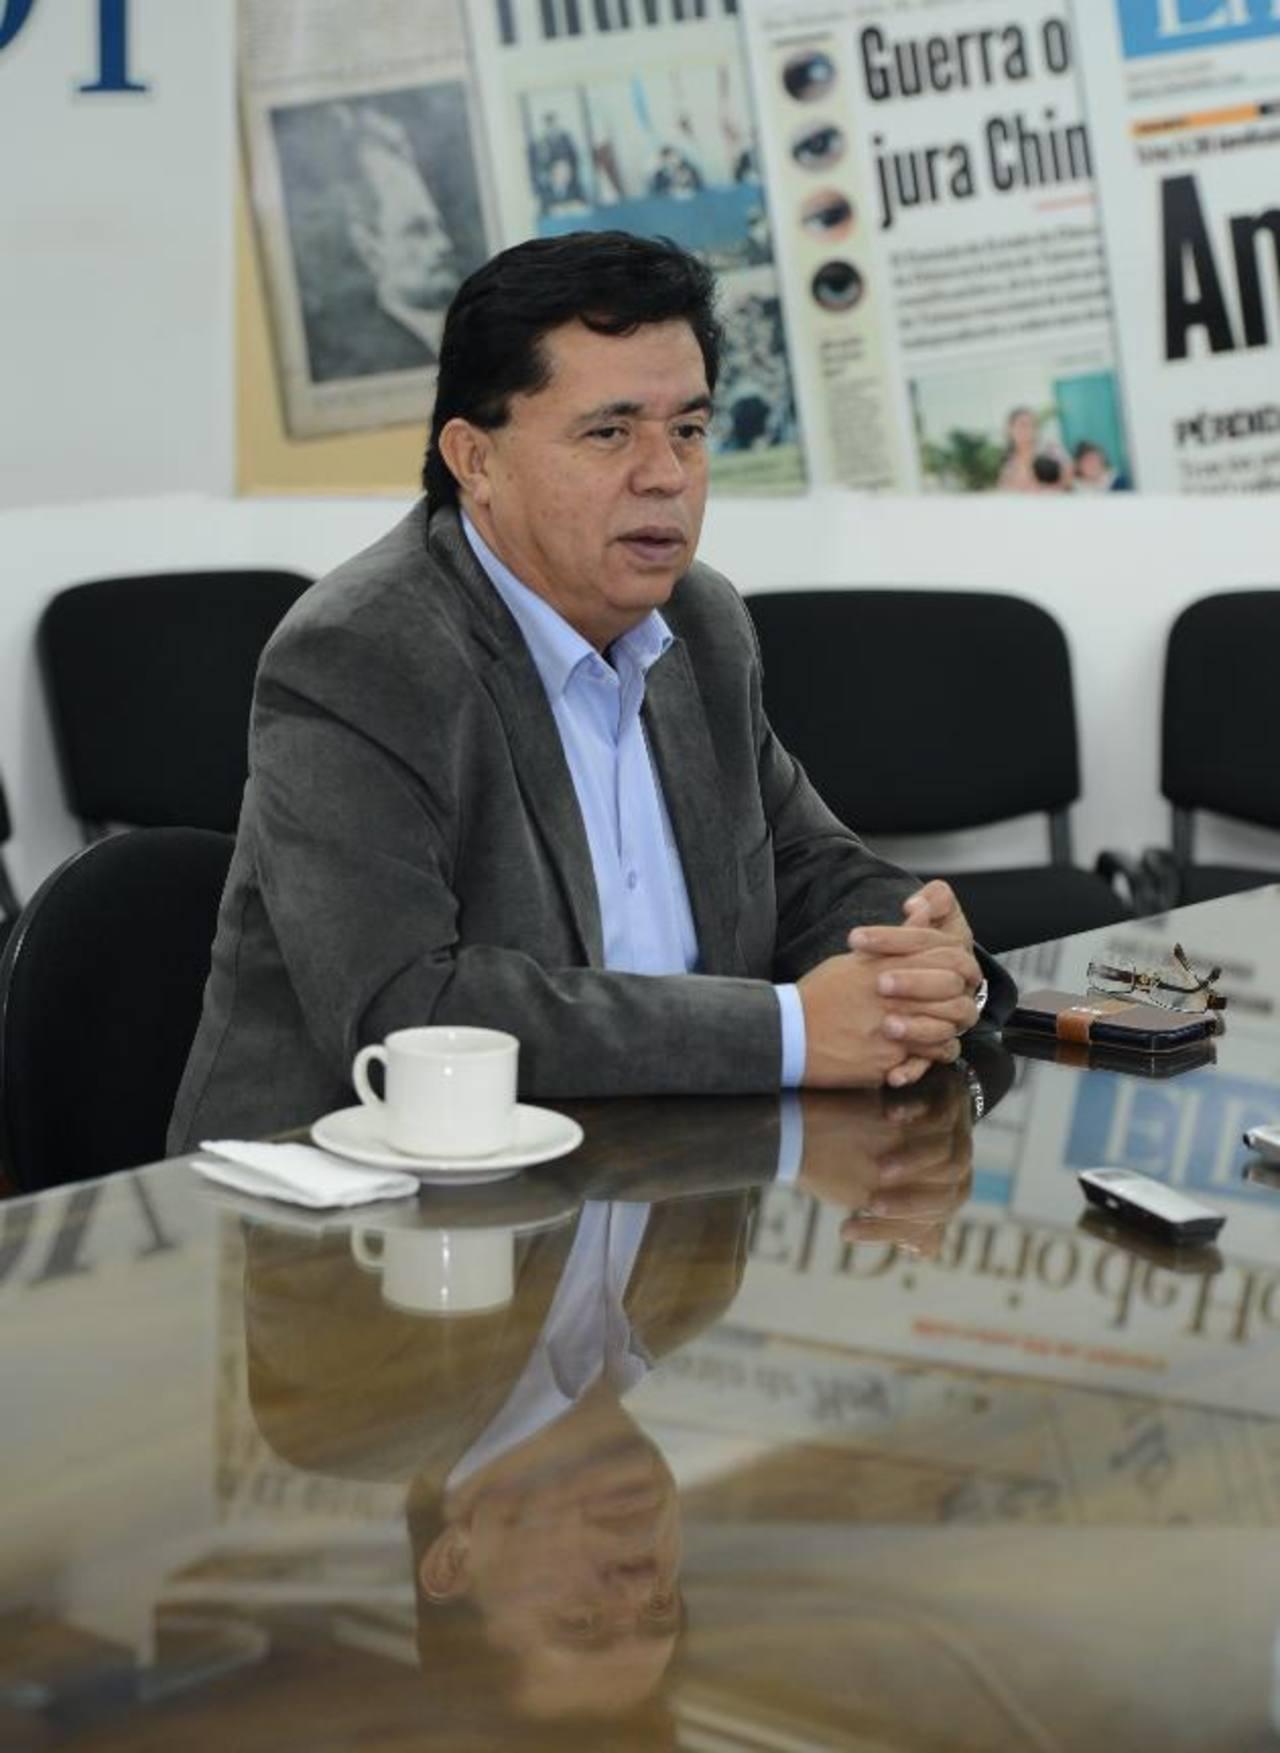 Parte de su oferta electoral, dijo Lorenzana, es recaudar más, pero mediante el crecimiento económico, no con más impuestos. foto edh / Douglas urquilla